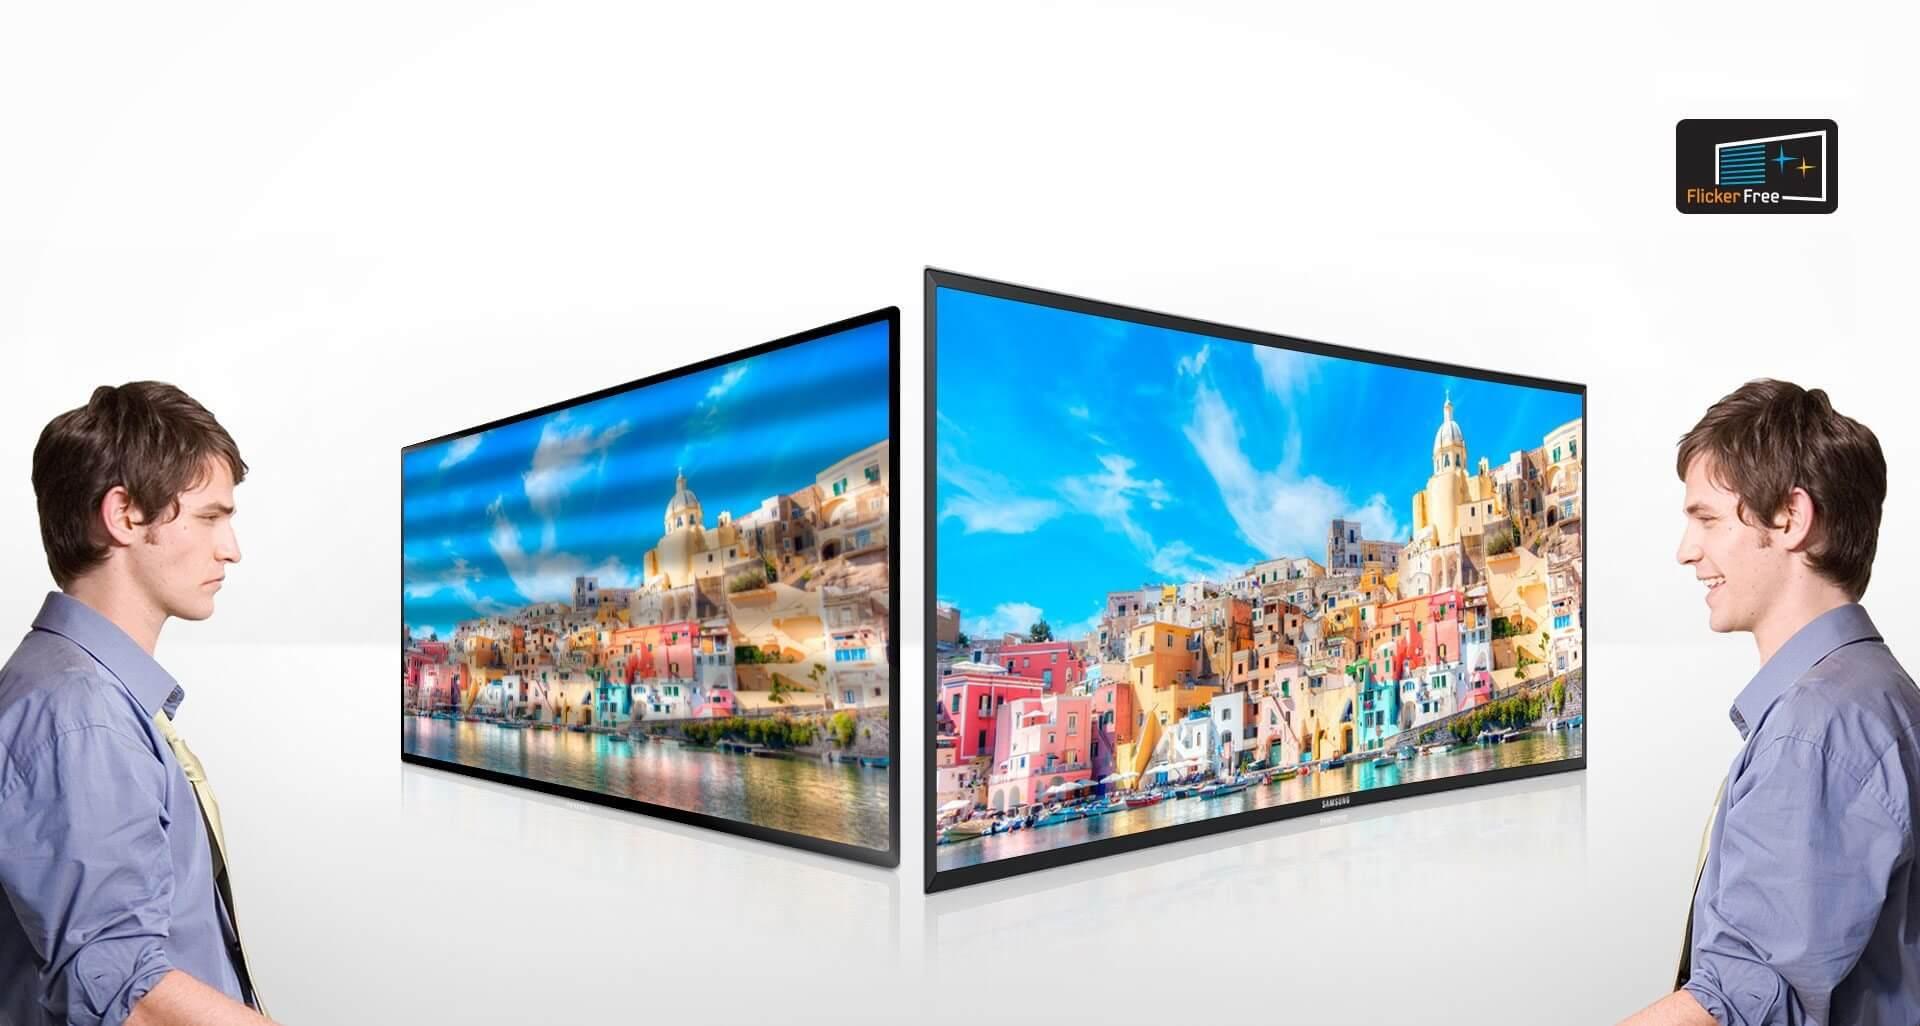 ls34e790cns zn 48 0 - CES 2015: Novo monitor curvo da Samsung promete imersão total durante o trabalho